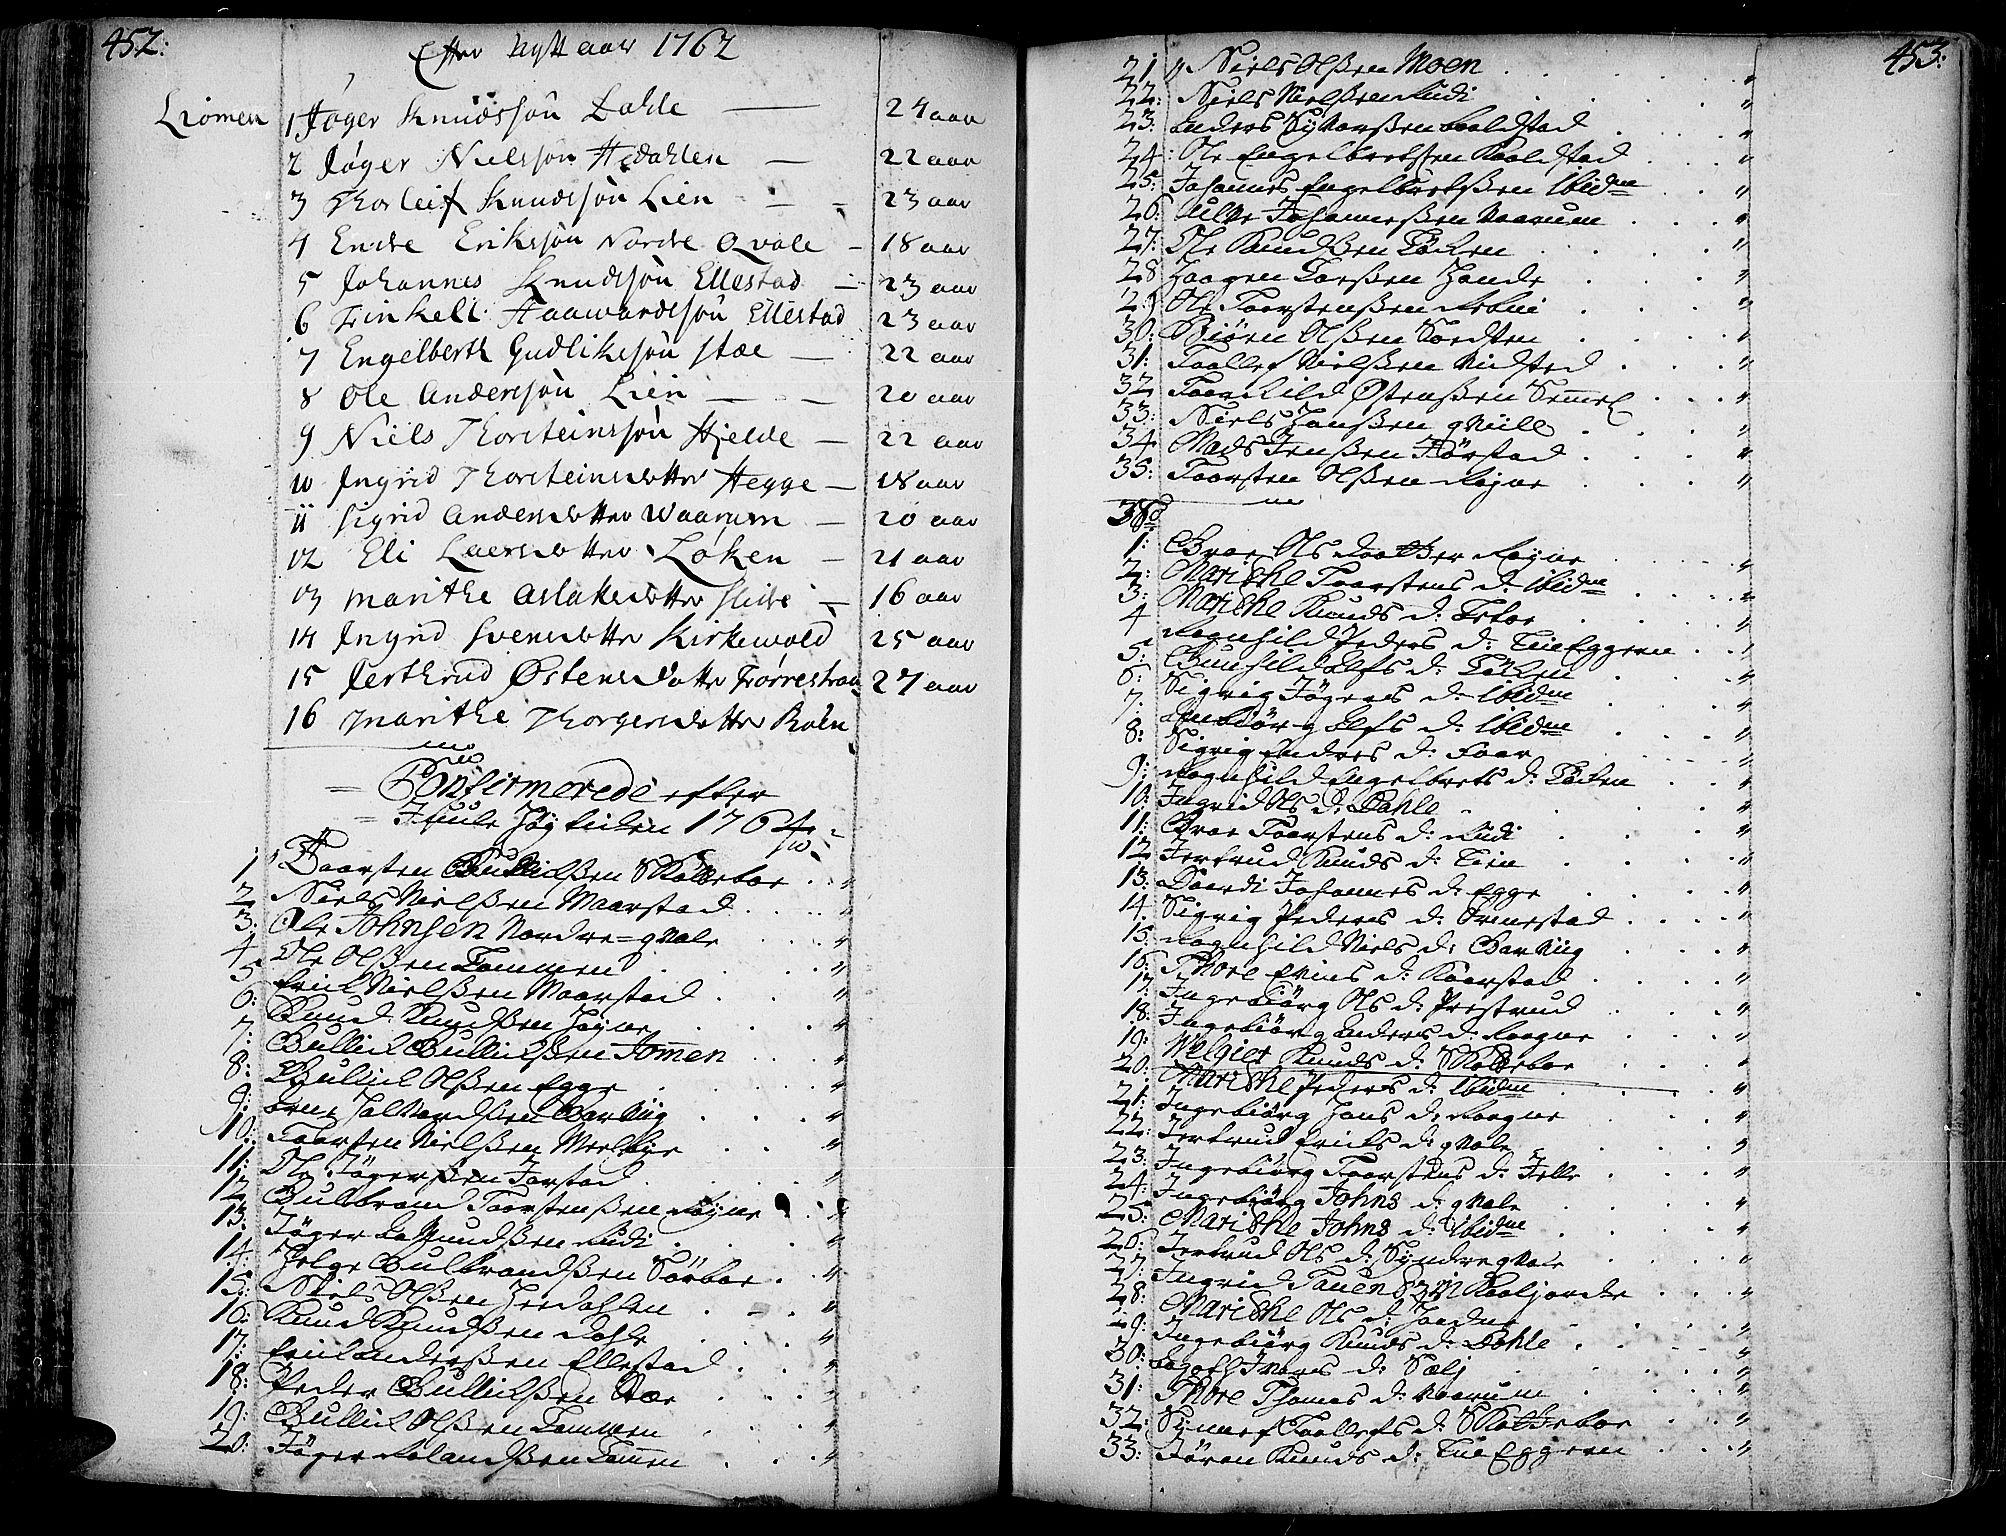 SAH, Slidre prestekontor, Ministerialbok nr. 1, 1724-1814, s. 452-453